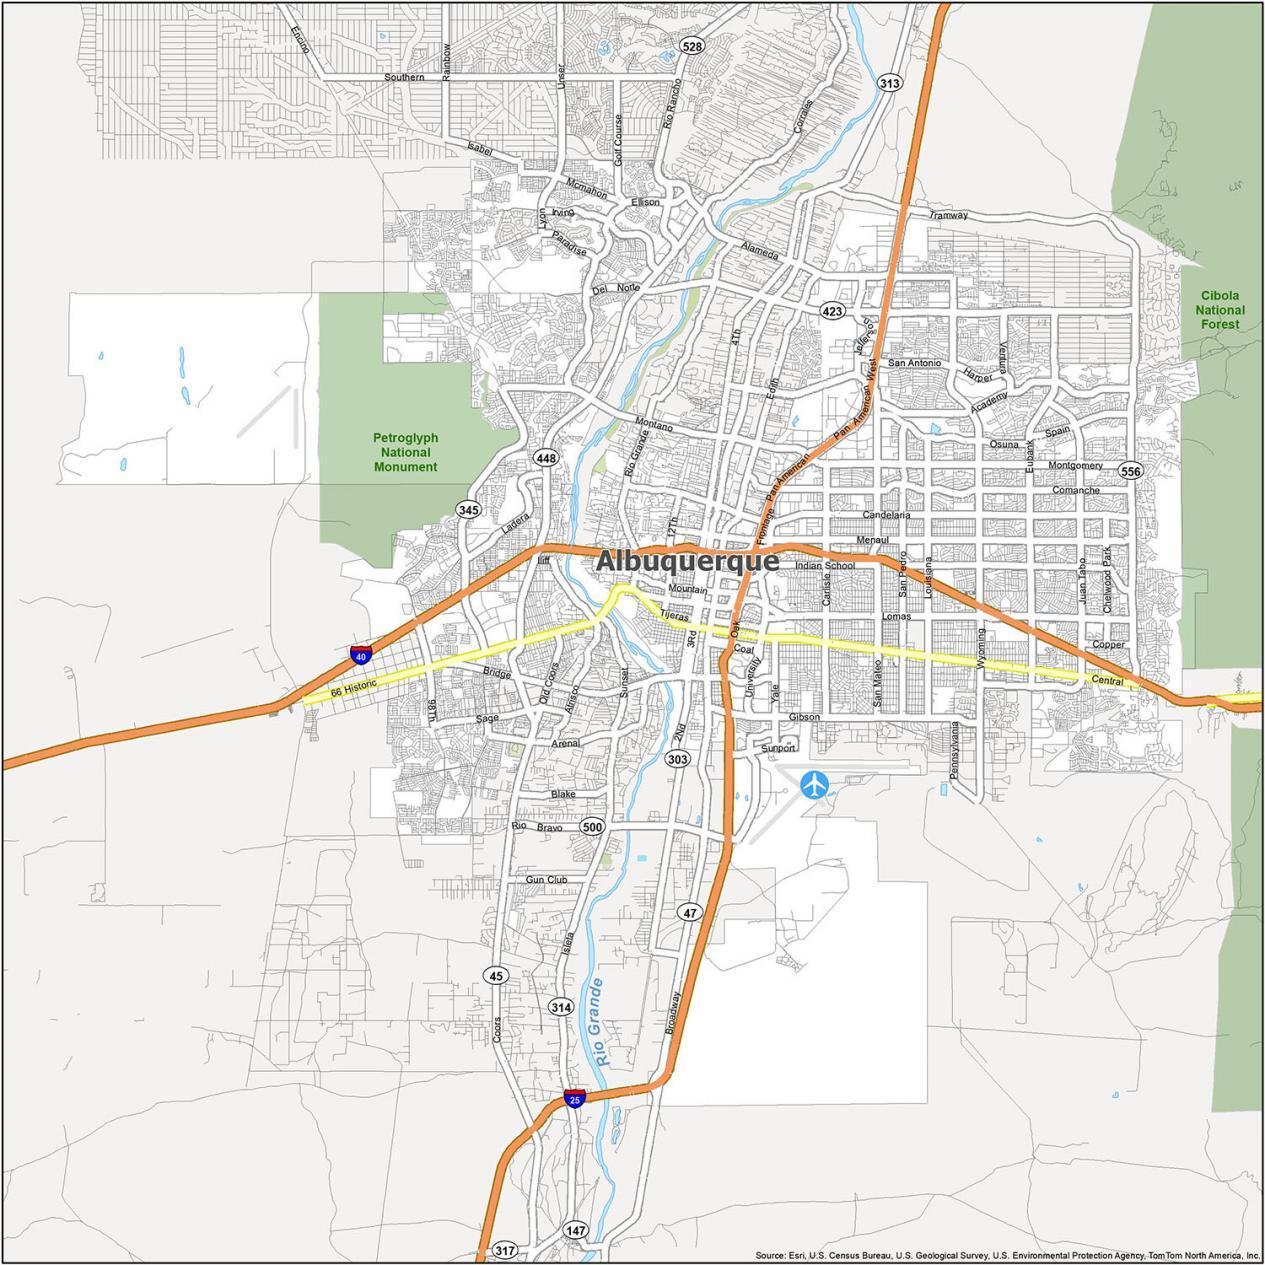 Albuquerque Road Map